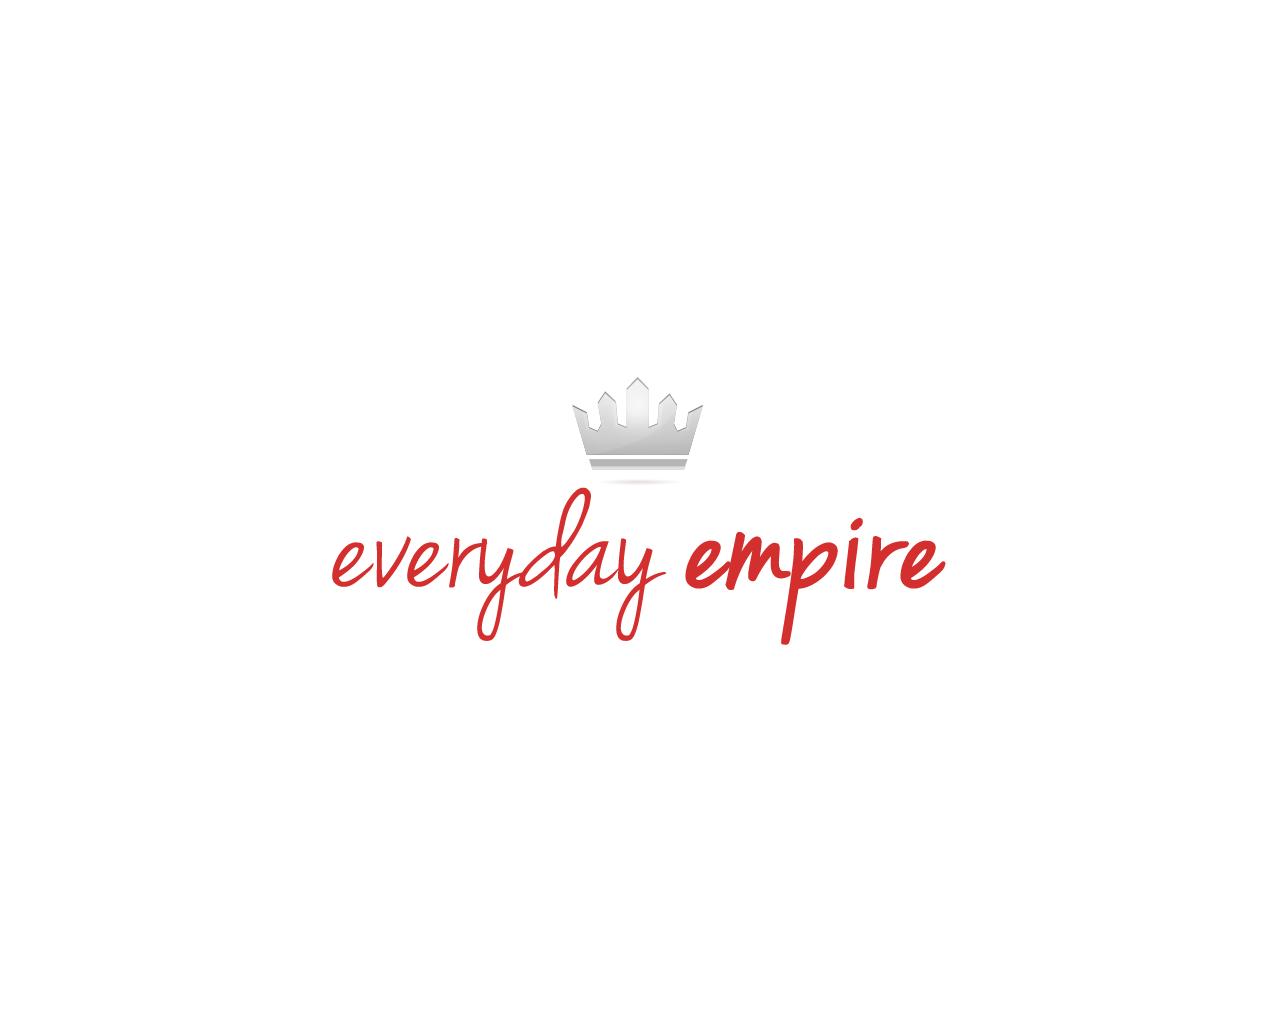 logo for Everyday Empire